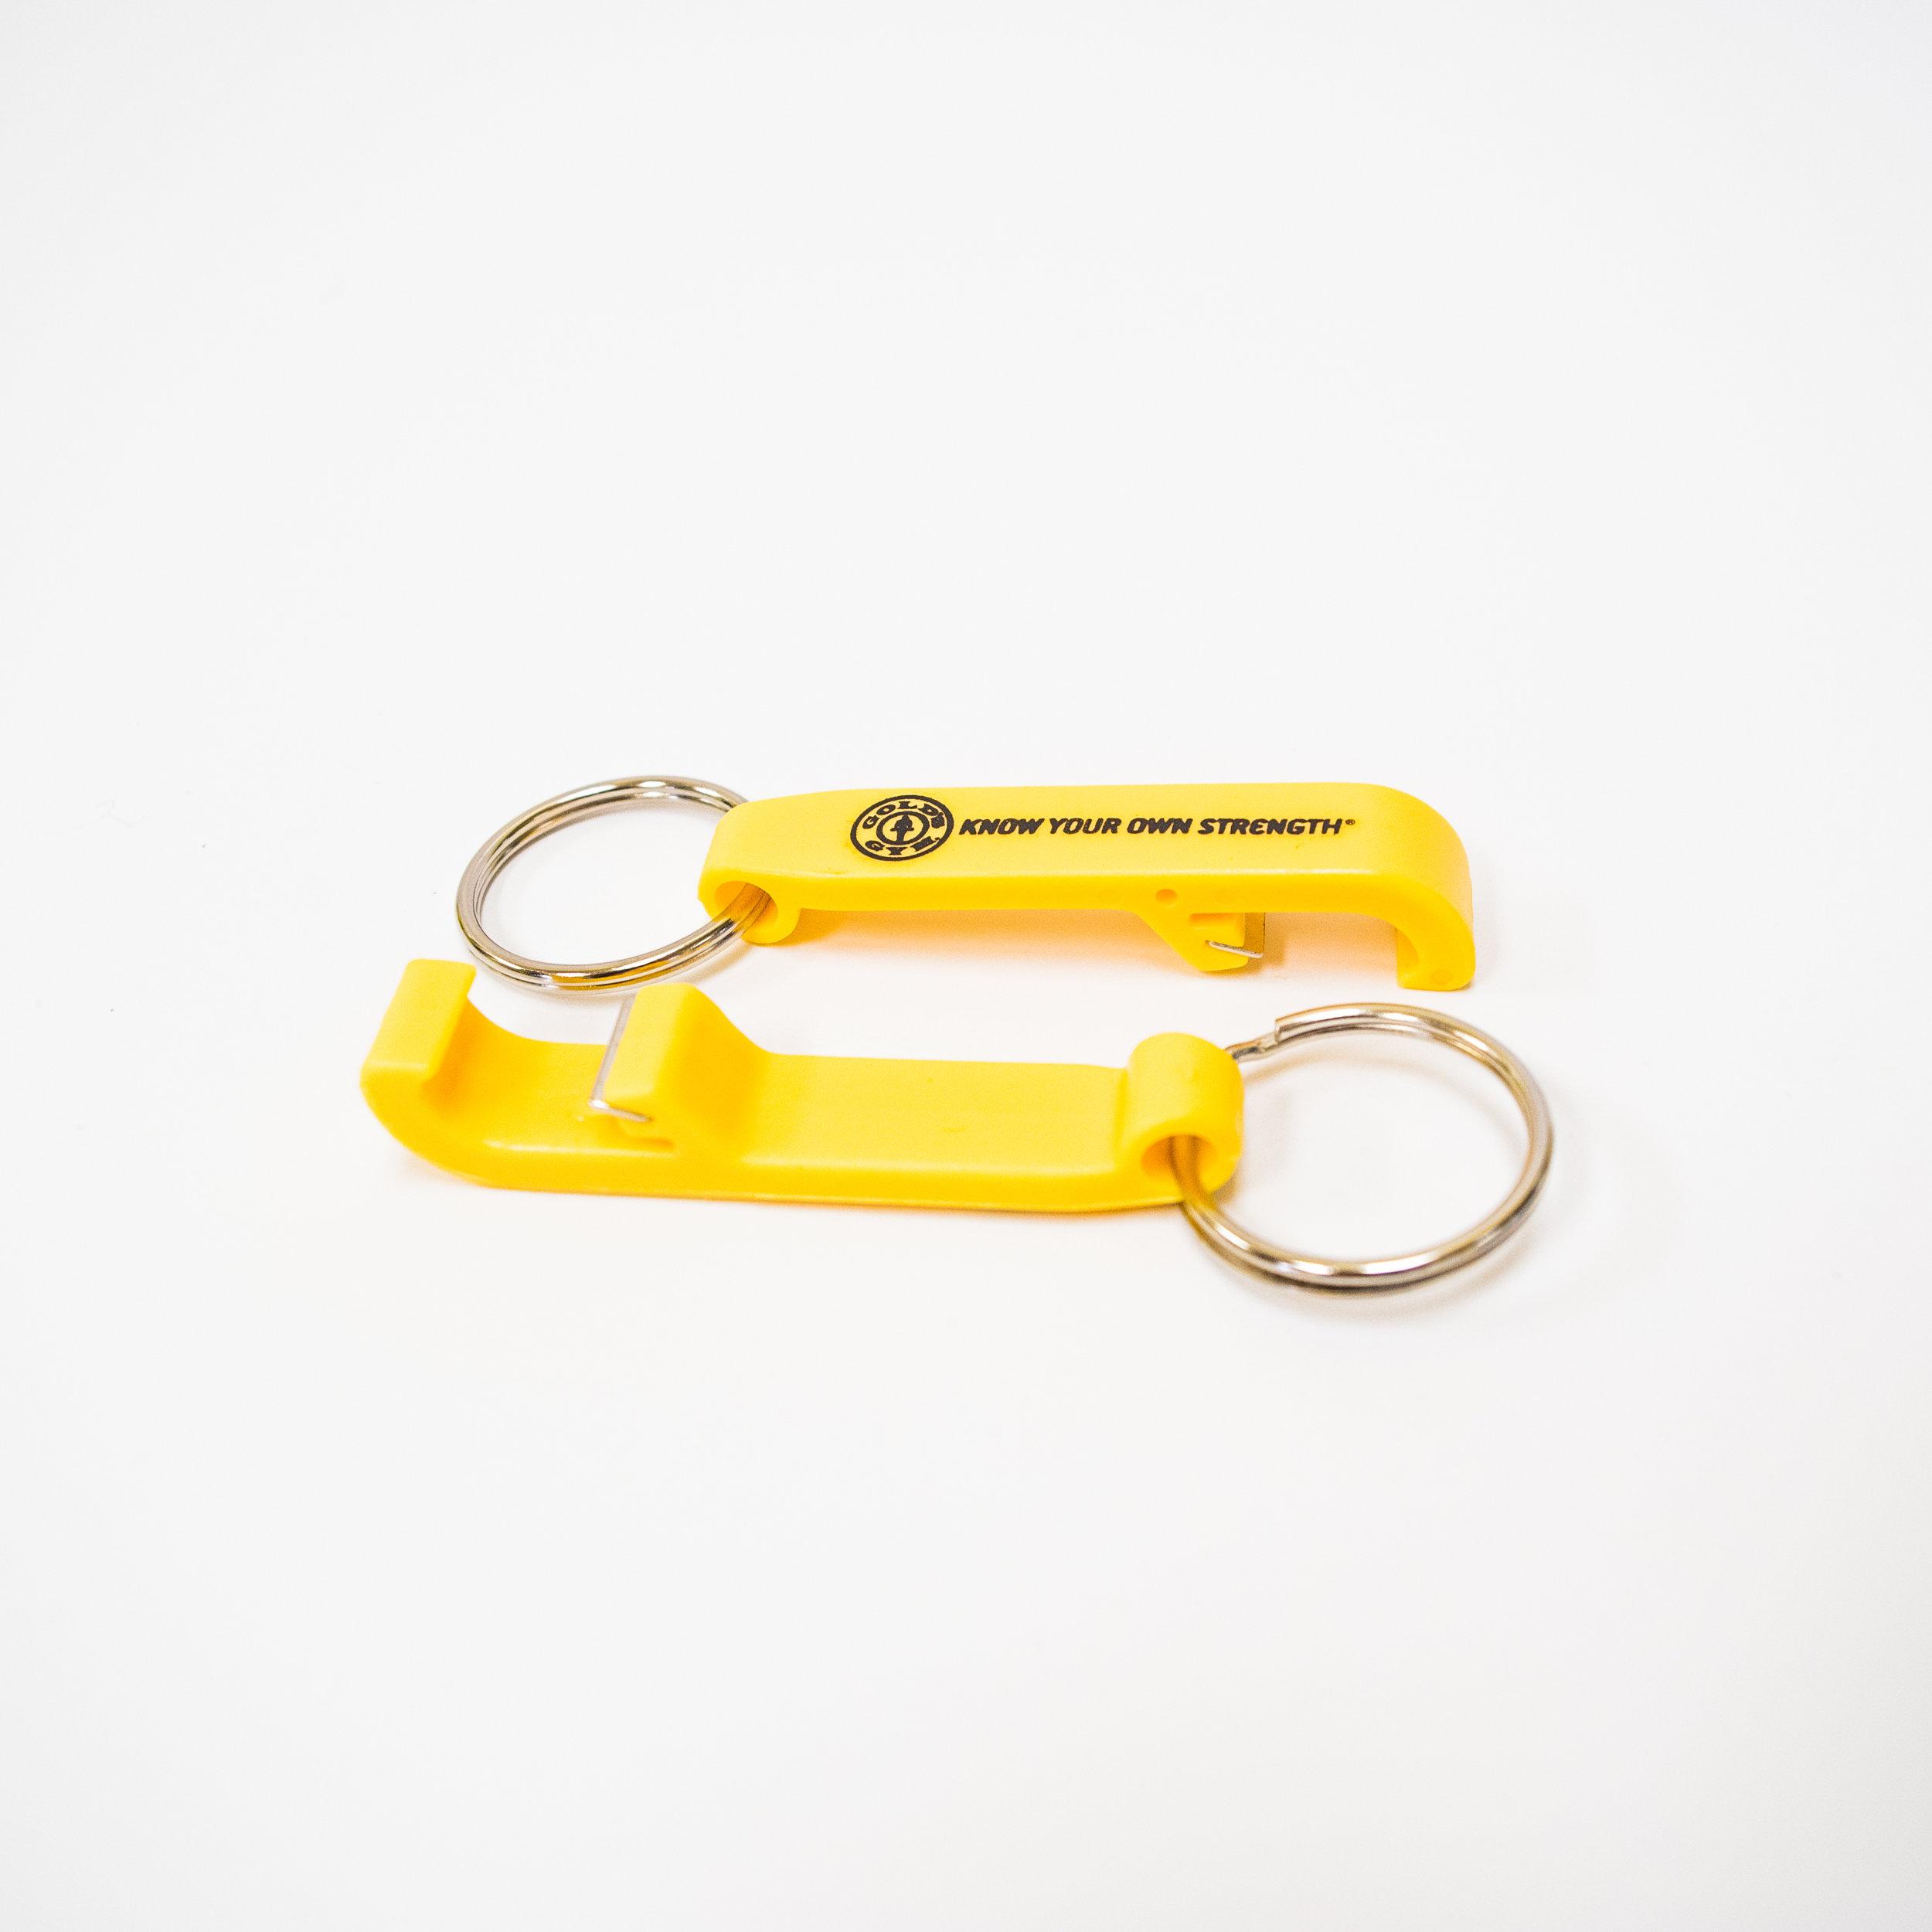 Keychain Bottle Openers